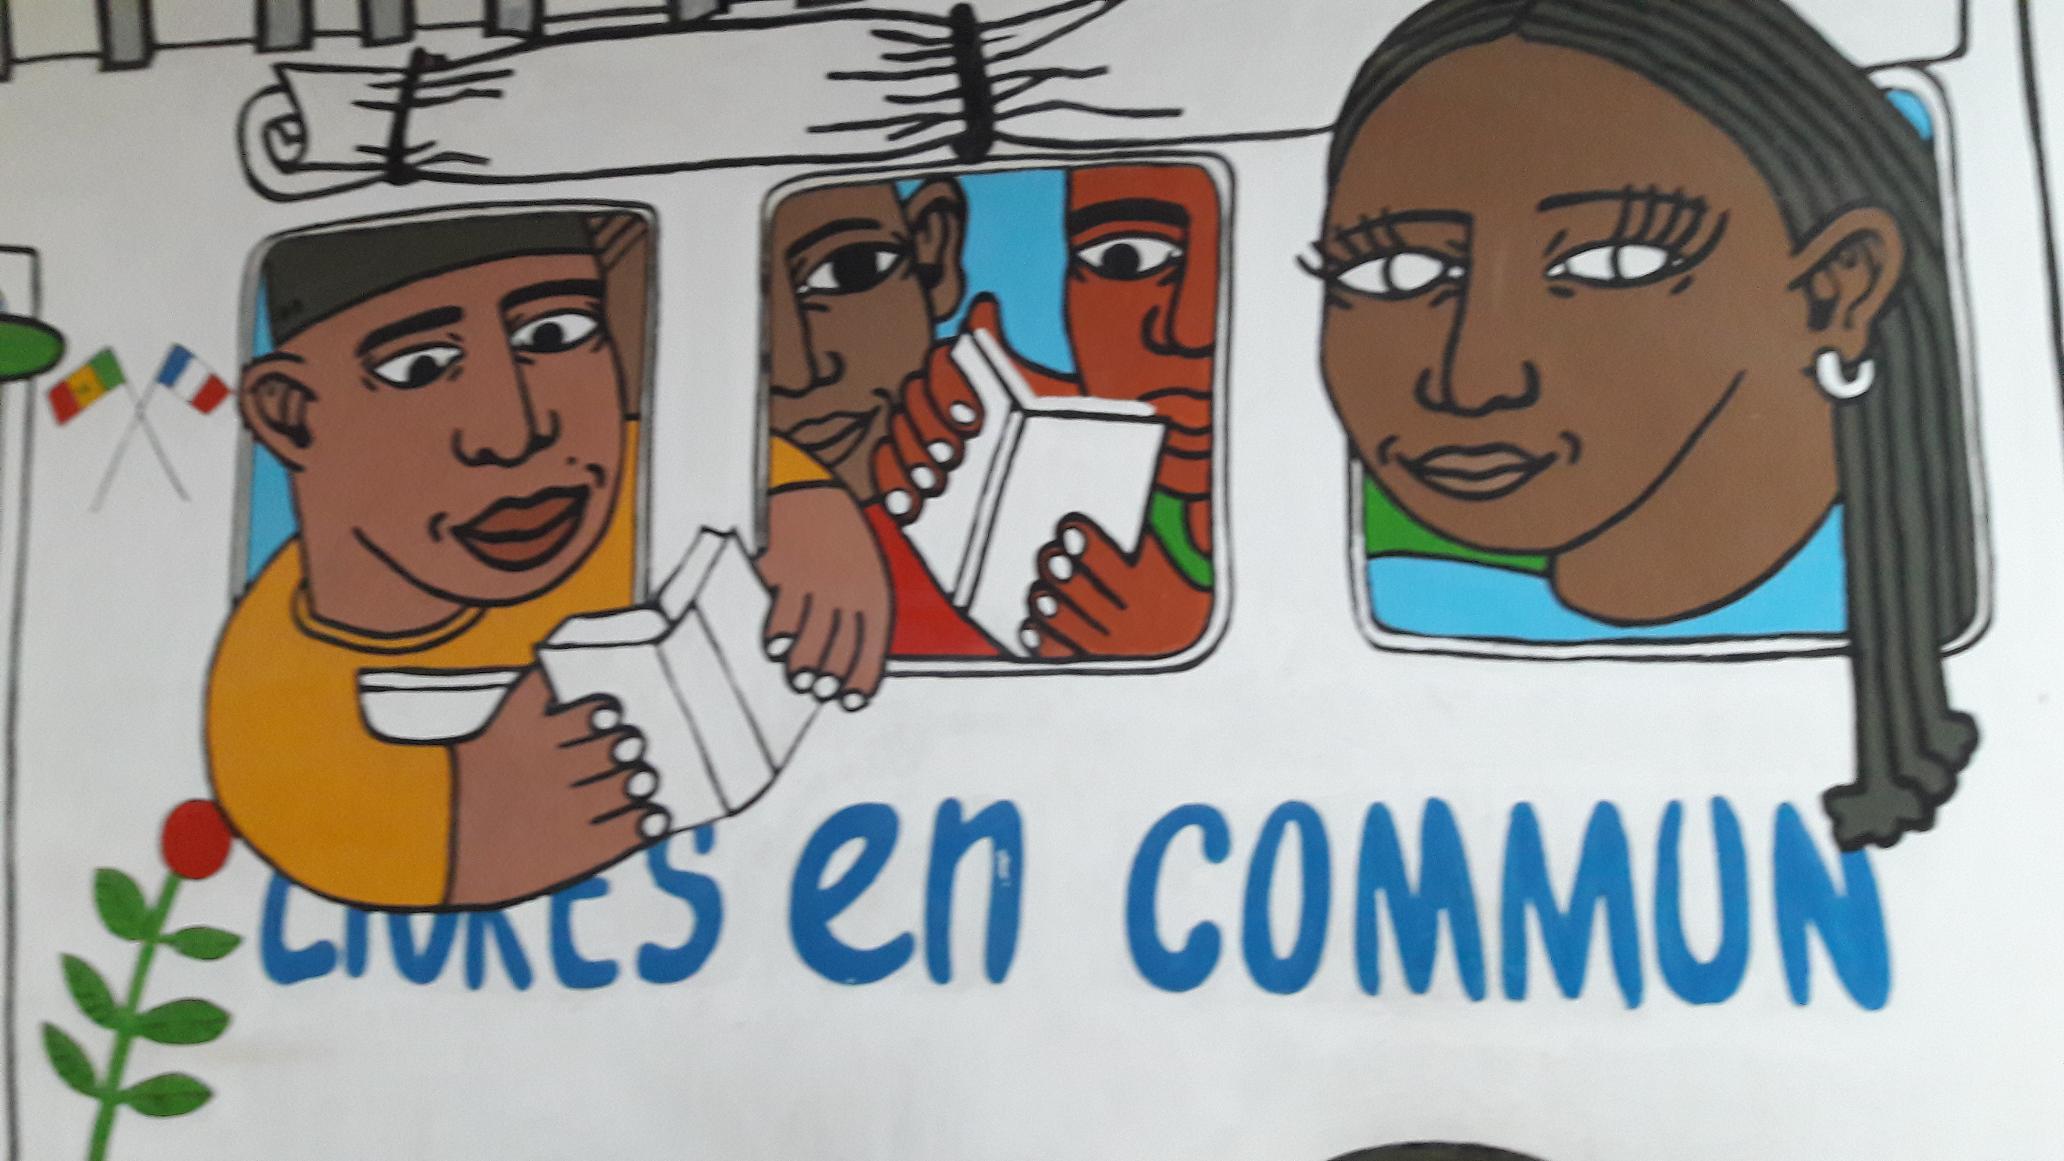 Le message interpelle à l'Institut Français de Dakar - DR : M.S.